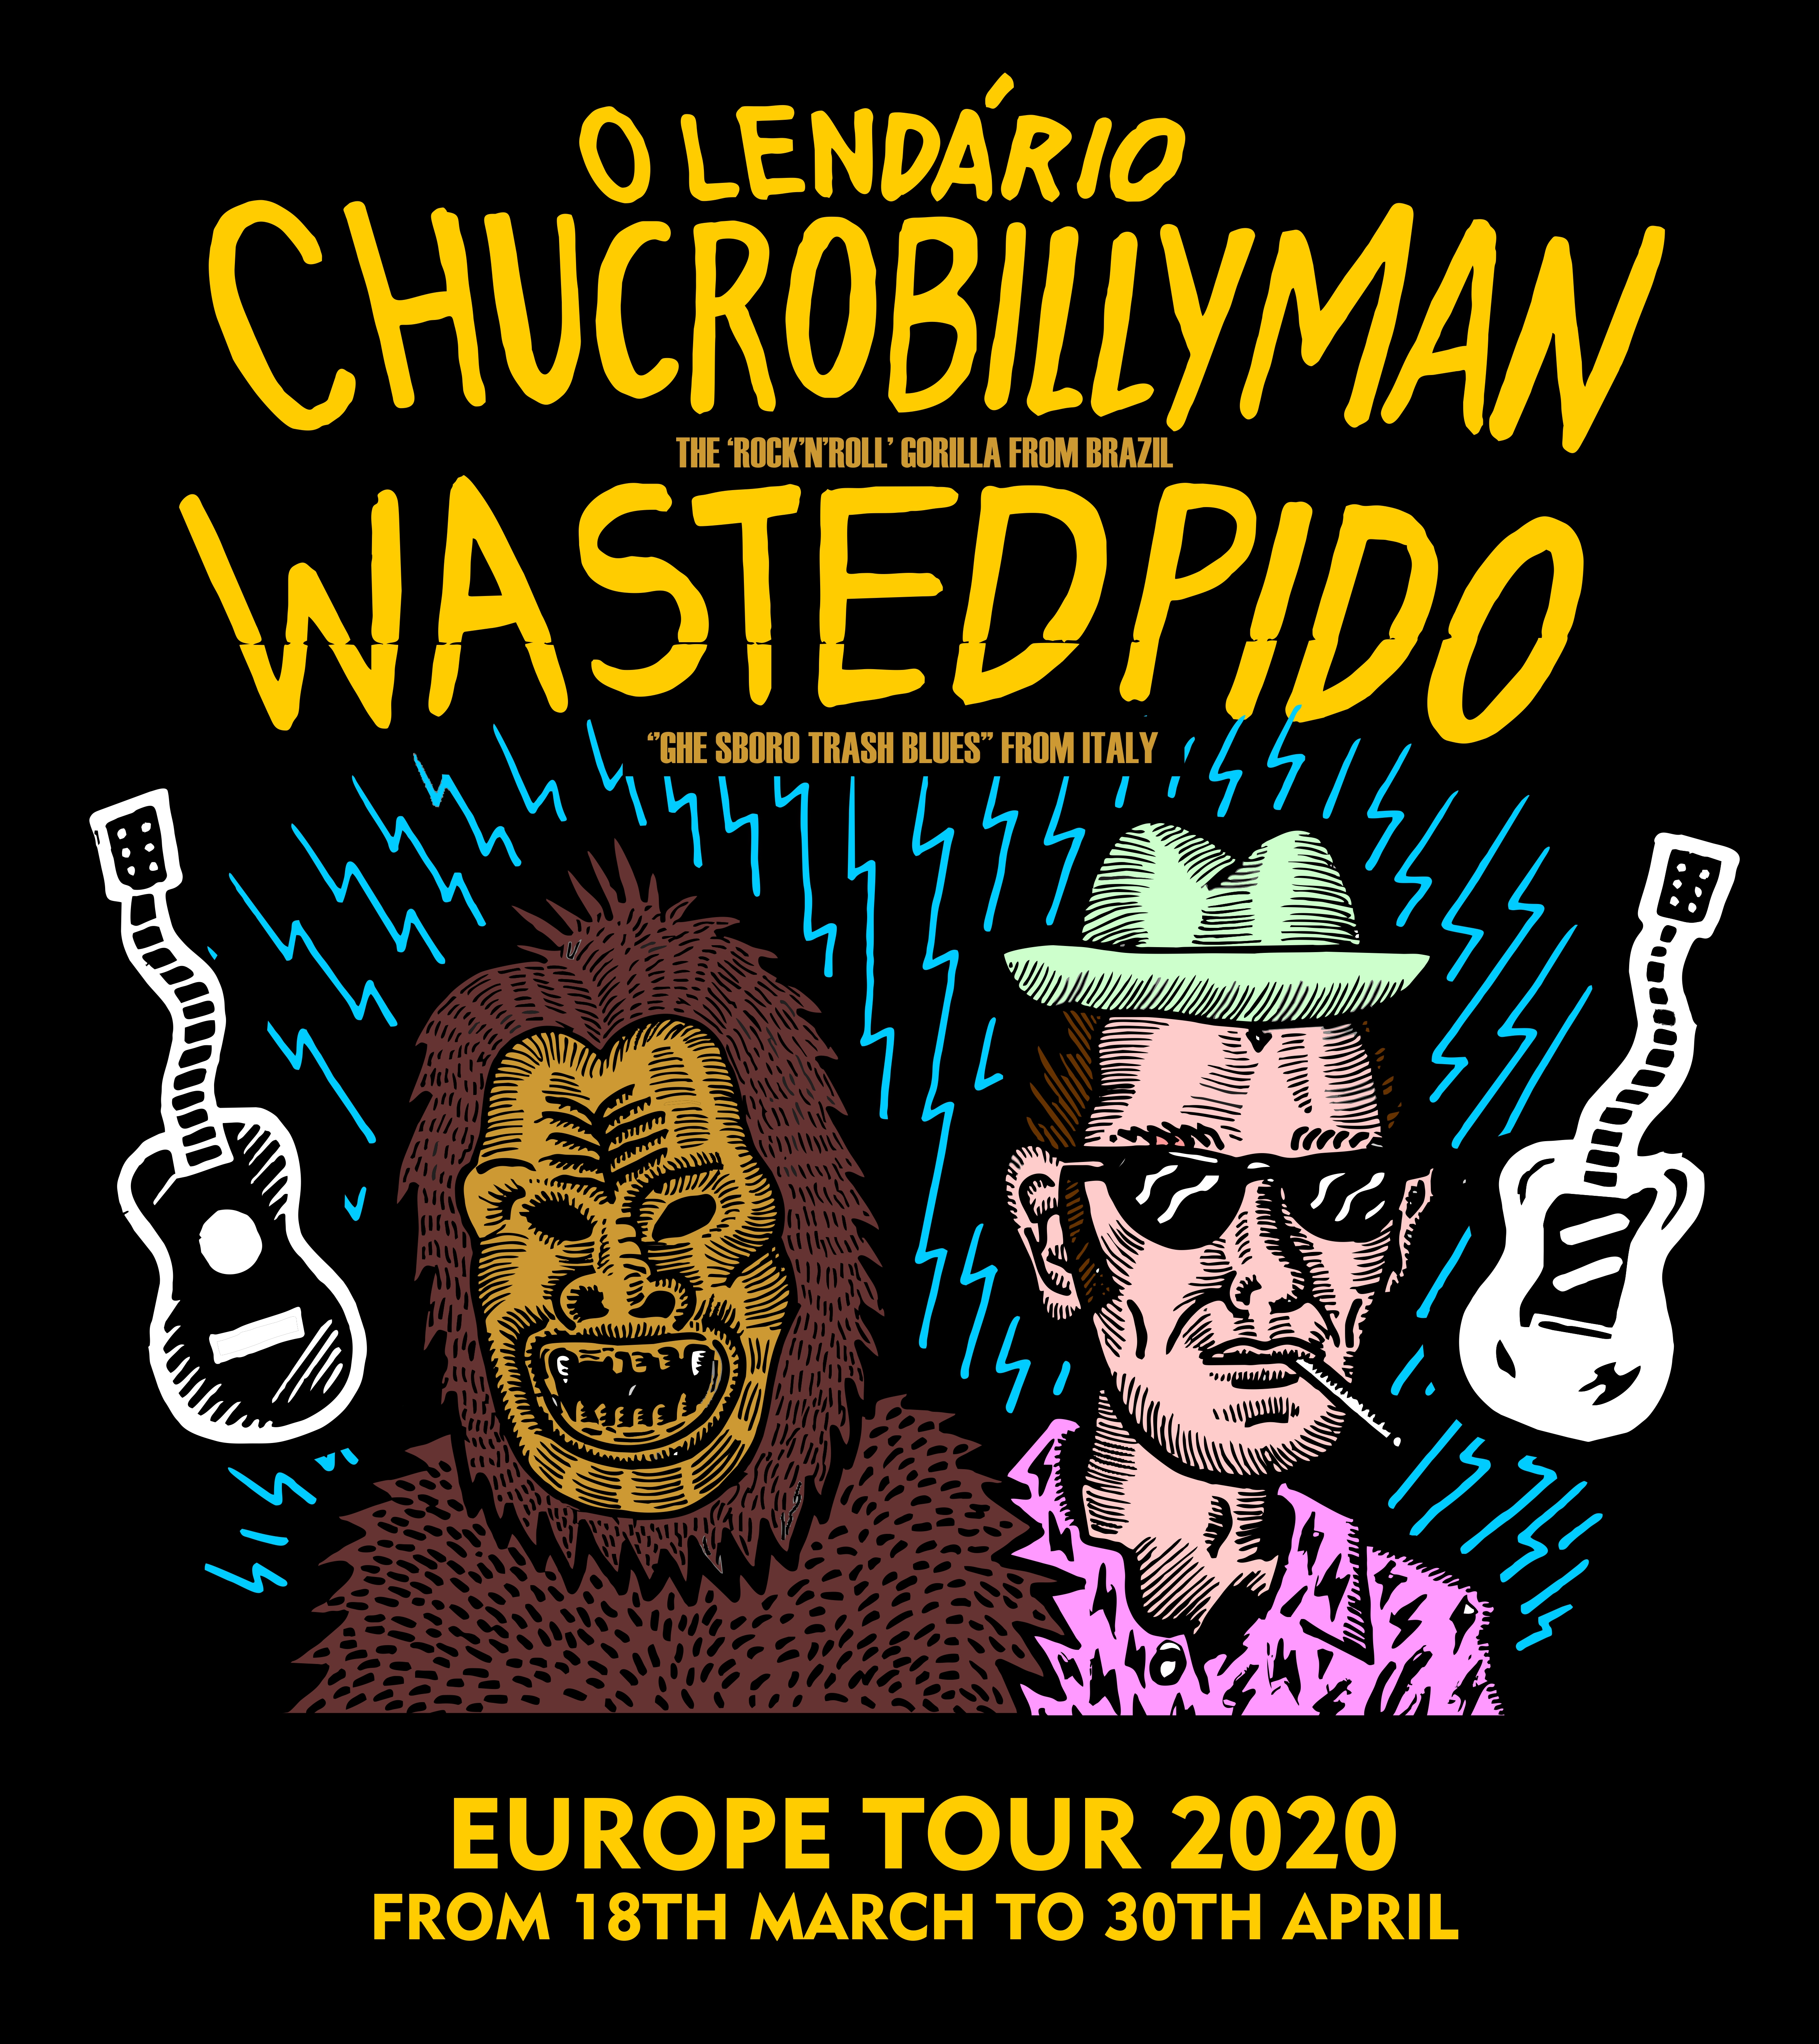 CARTAZ_EUROTOUR_PIDOCHUCRO_2020